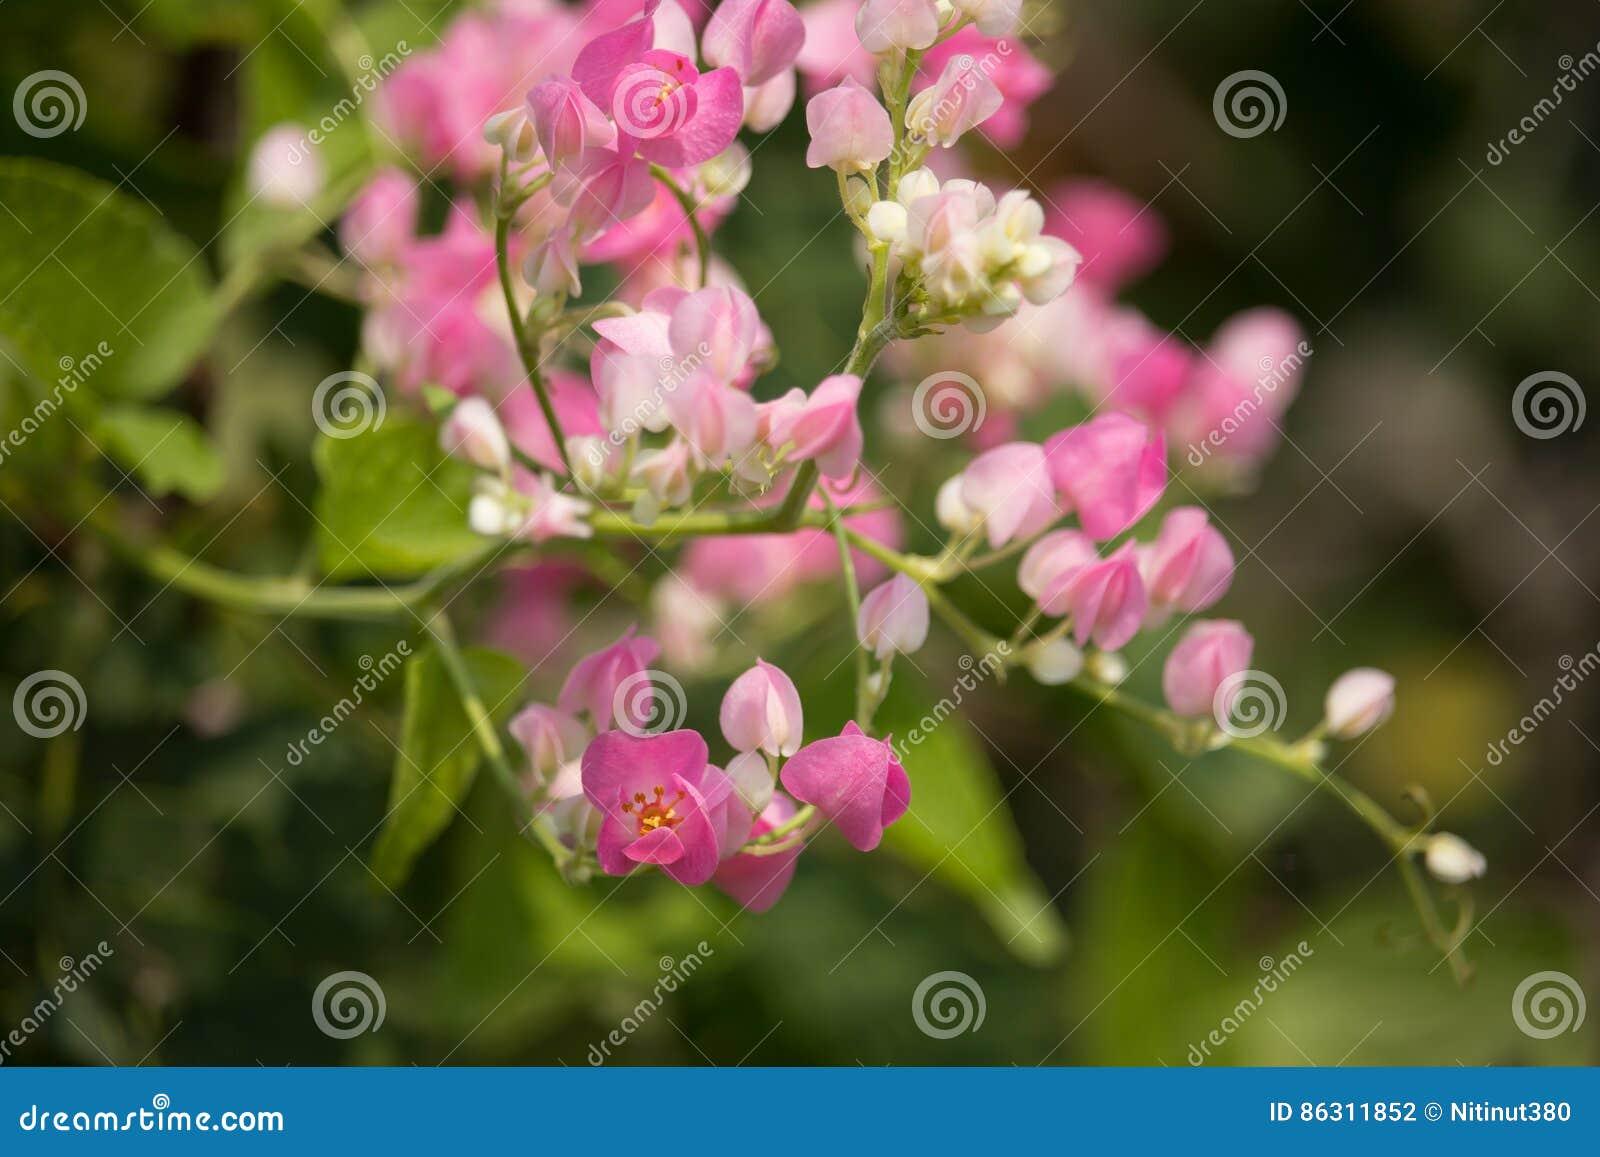 fleur mexicaine de plante grimpante, fleur blanche de petit